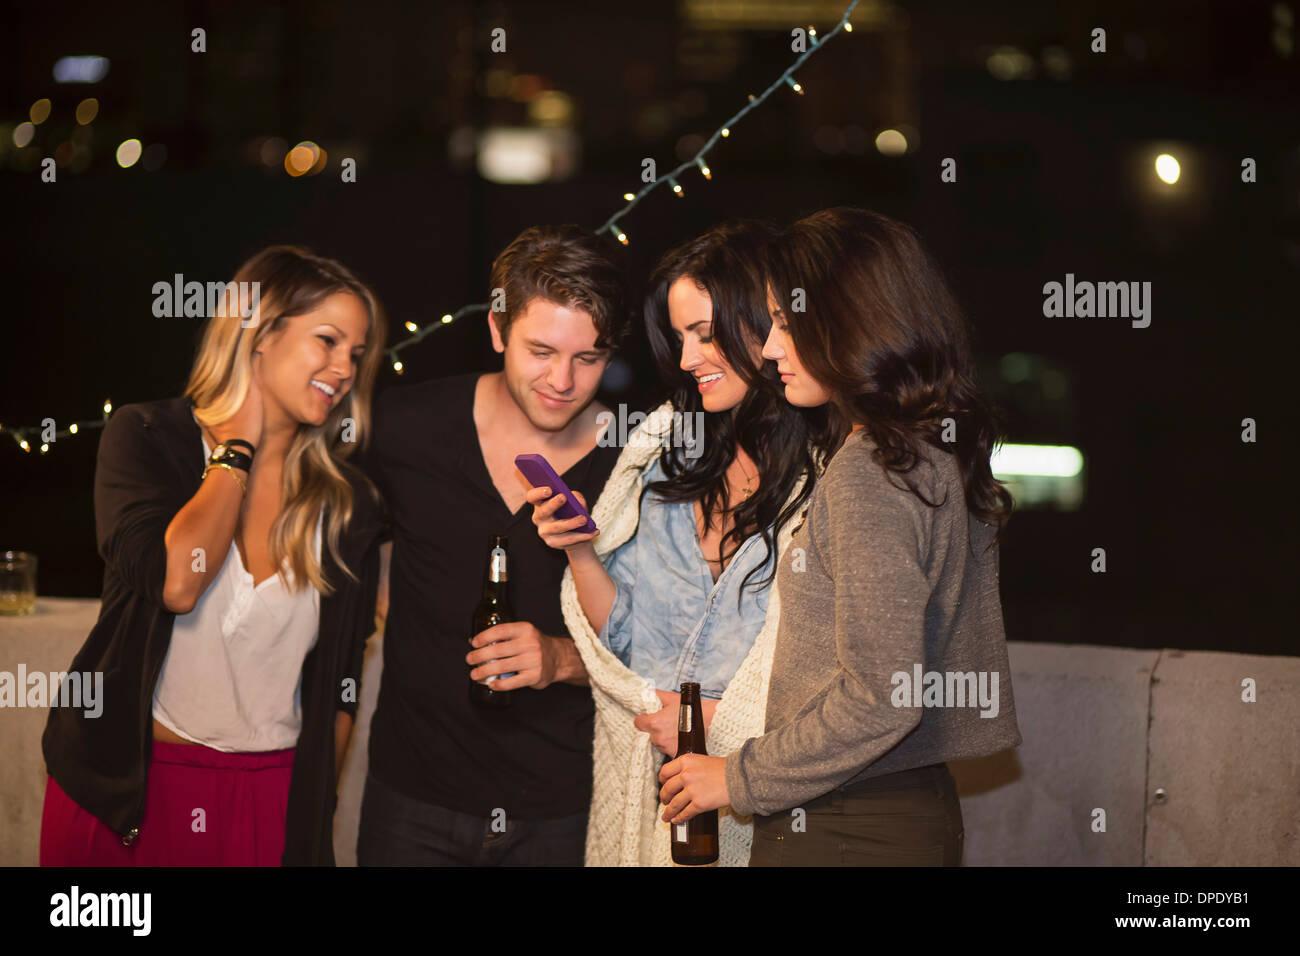 Giovani amici adulti guardando il telefono cellulare al partito sul tetto Immagini Stock